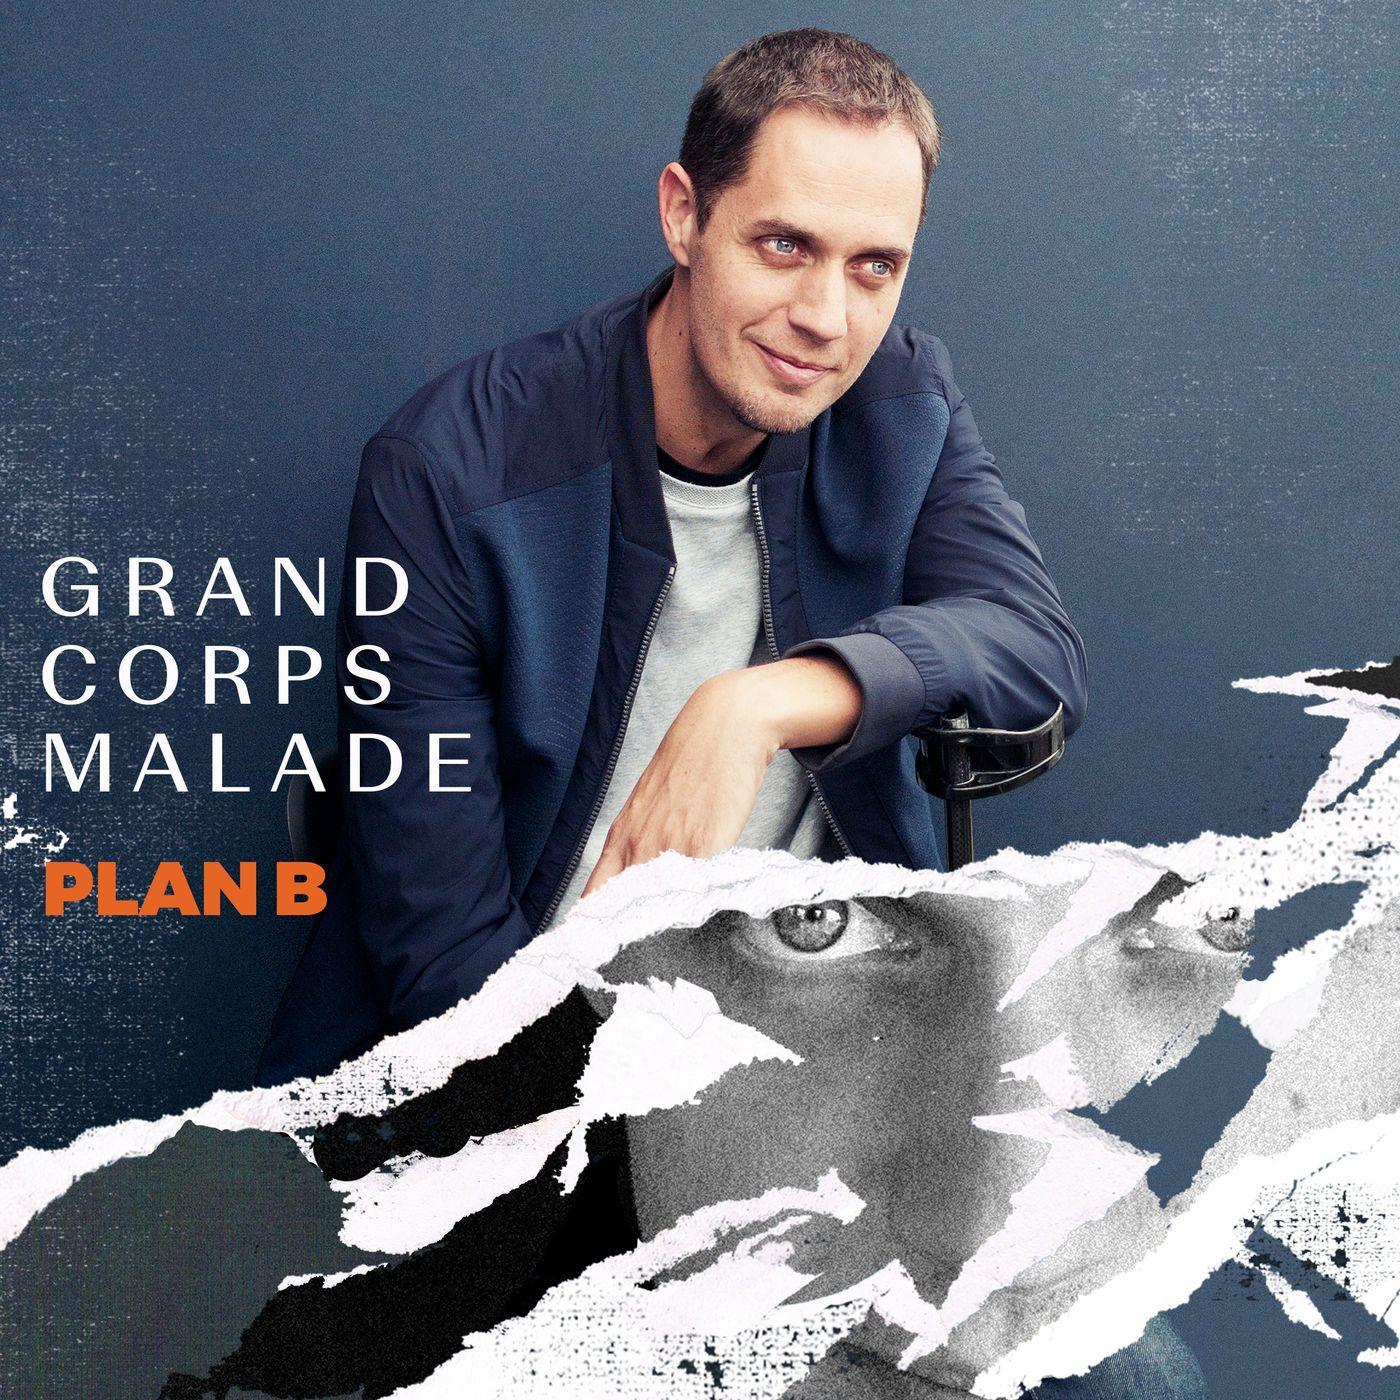 Grand Corps Malade - Plan B album cover